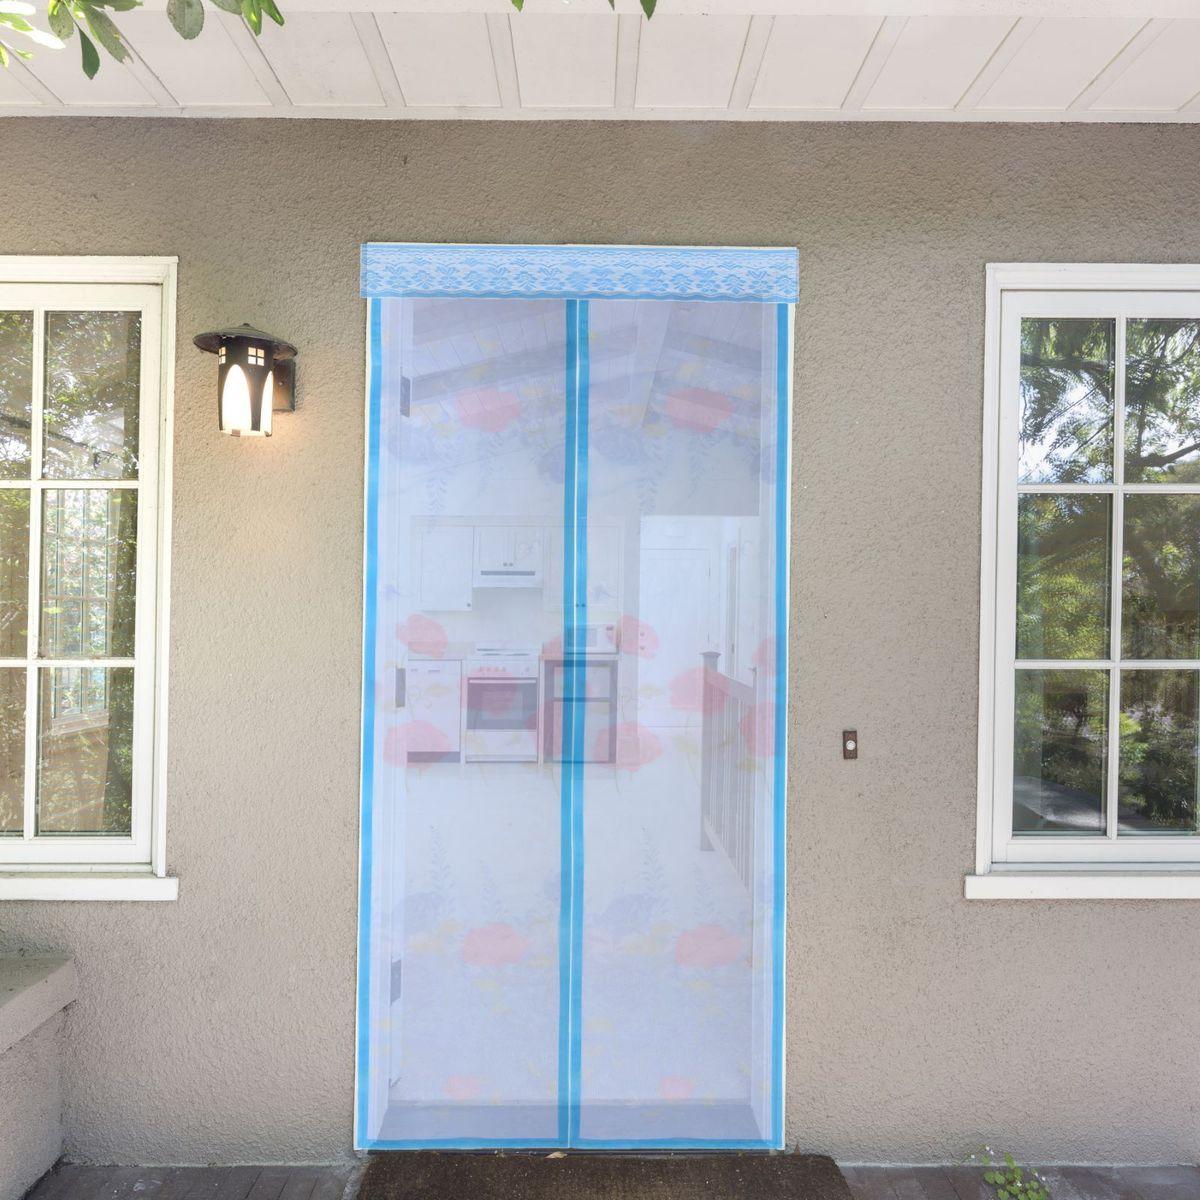 Сетка антимоскитная Цветы, на магнитной ленте, цвет: голубой, 80 х 210 см137789Занавес от насекомых на магнитной ленте универсален в использовании: подвесьте его при входе в садовый дом или балкон, чтобы предотвратить попадание комаров внутрь жилища. Наслаждайтесь свежим воздухом без компании надоедливых насекомых! Чтобы зафиксировать занавес в дверном проеме, достаточно закрепить занавеску по периметру двери с помощью кнопок, идущих в комплекте. Принцип действия занавеса предельно прост: каждый раз, когда вы будете проходить сквозь шторы, они автоматически «захлопнутся» за вами благодаря магнитам, расположенным по всей его длине.